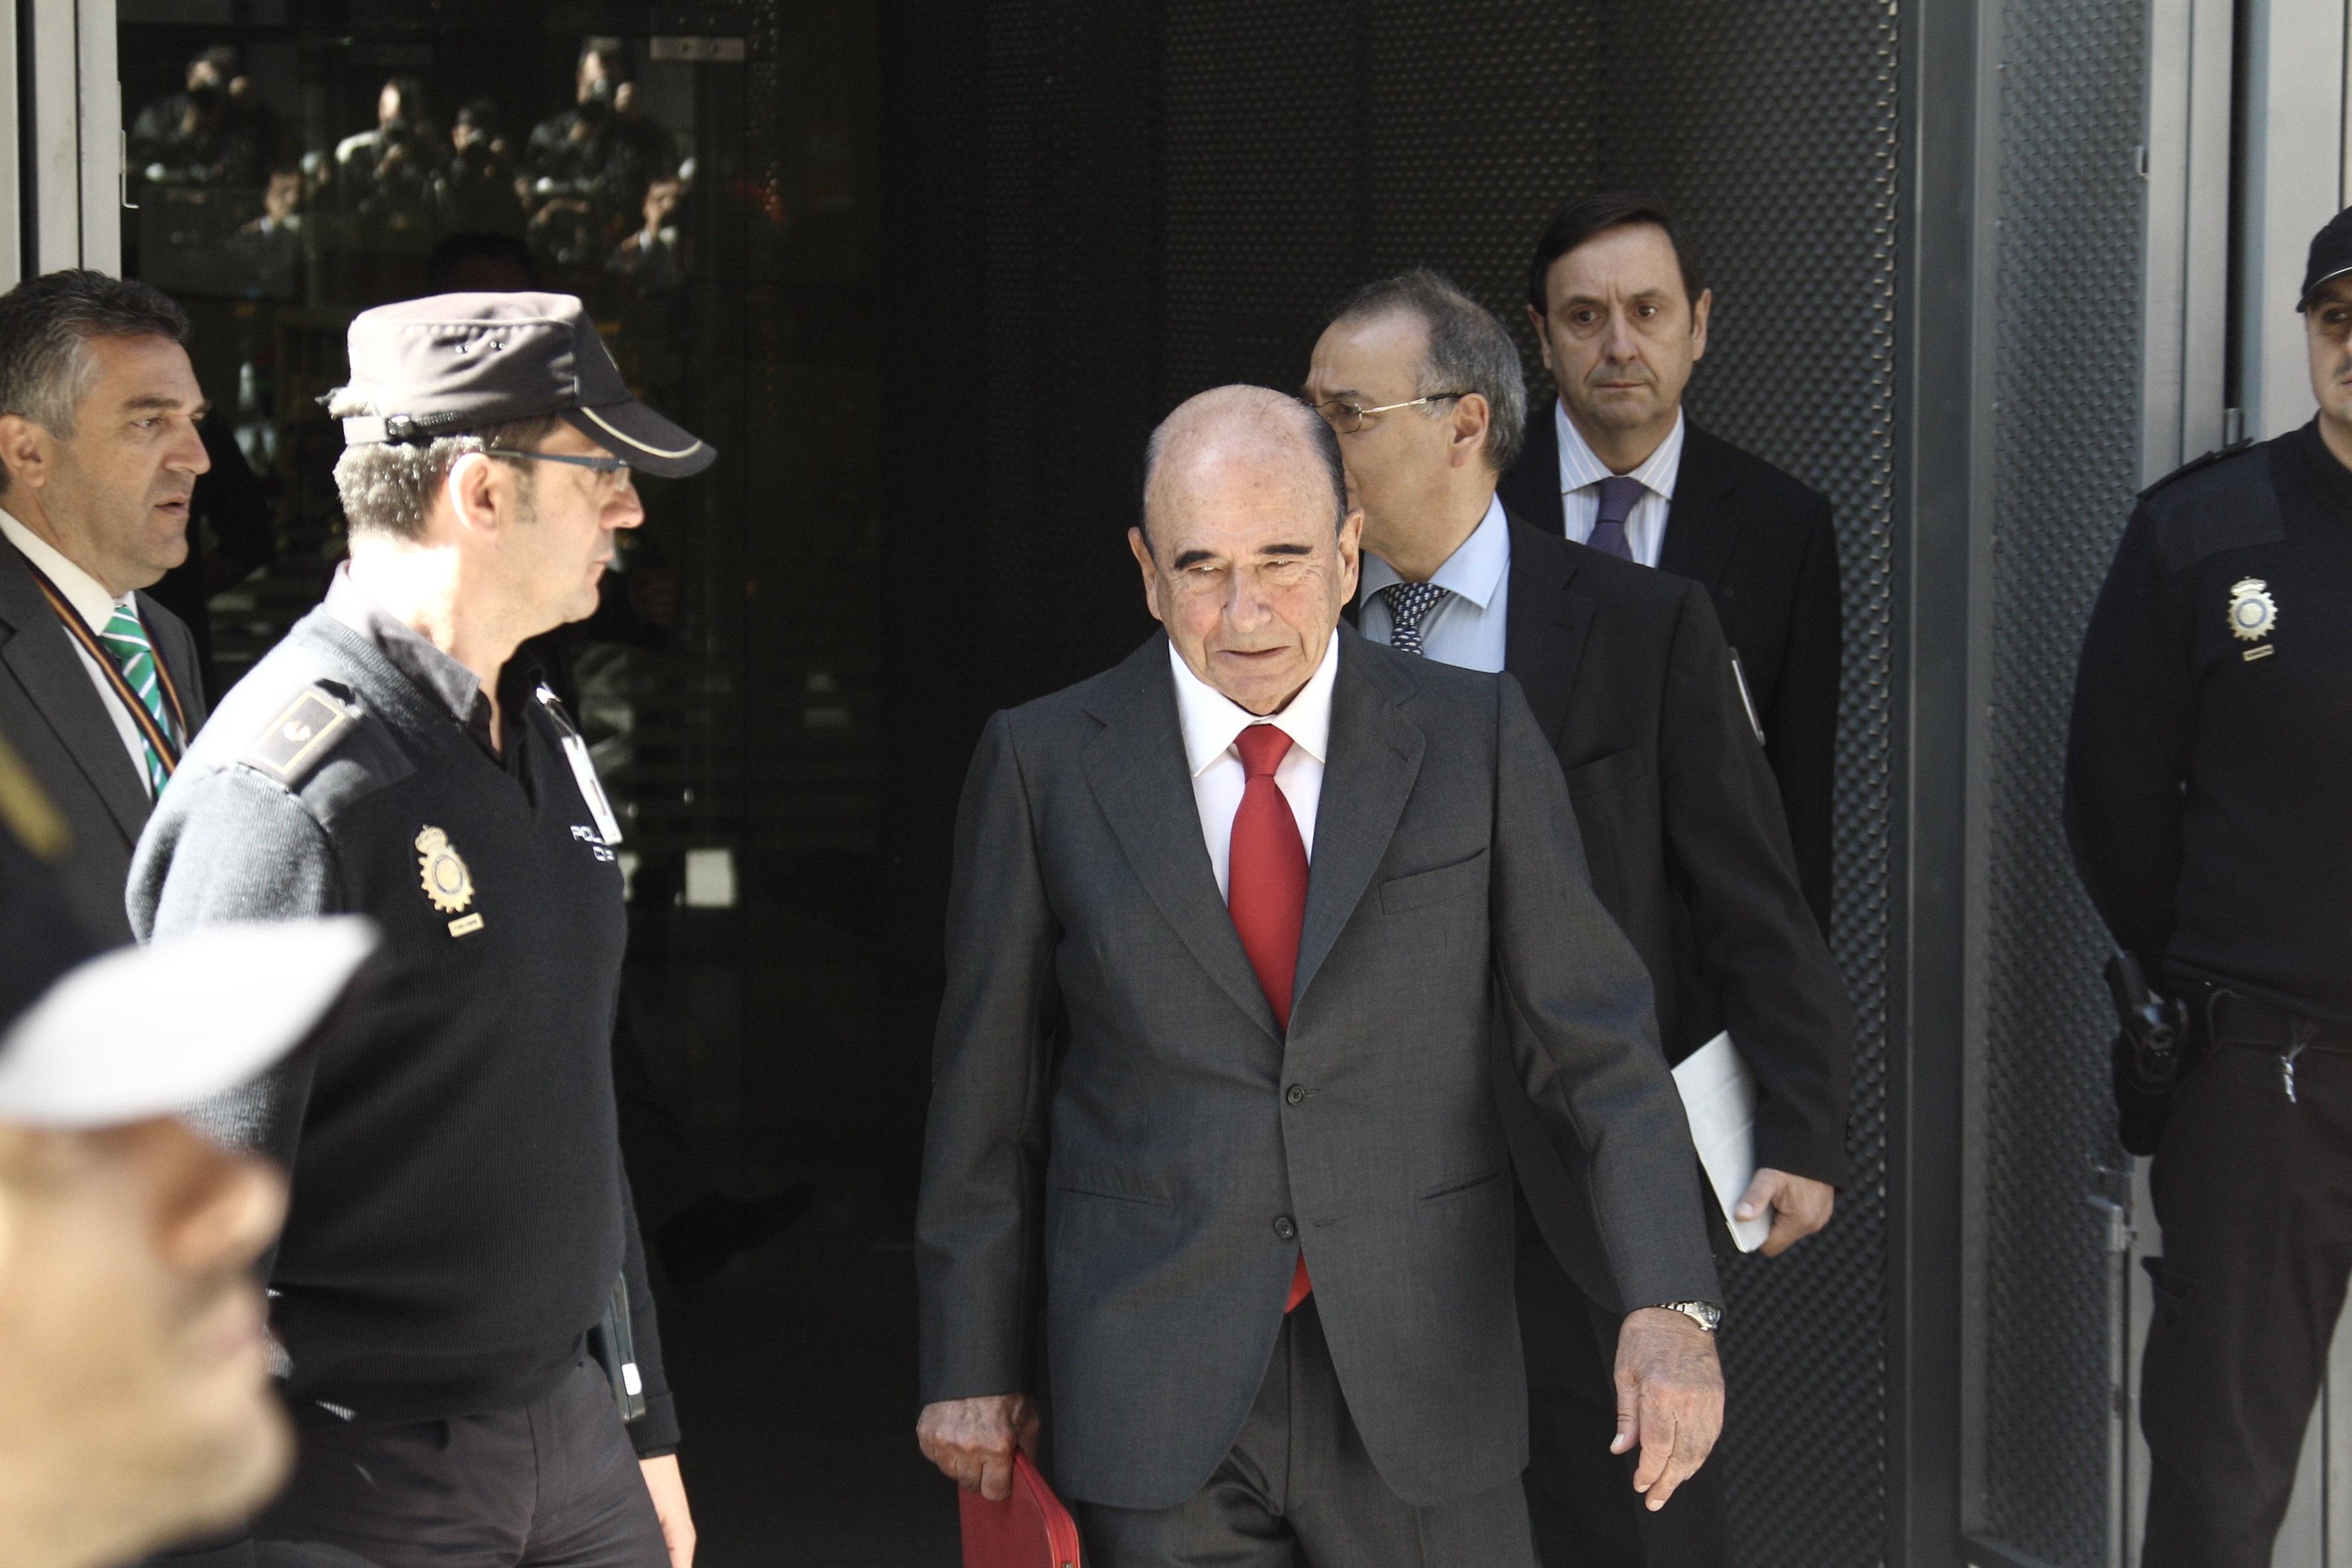 (Amp.) Los banqueros dicen que Guindos les citó para hablar de la entidad pero no de la salida de Rato